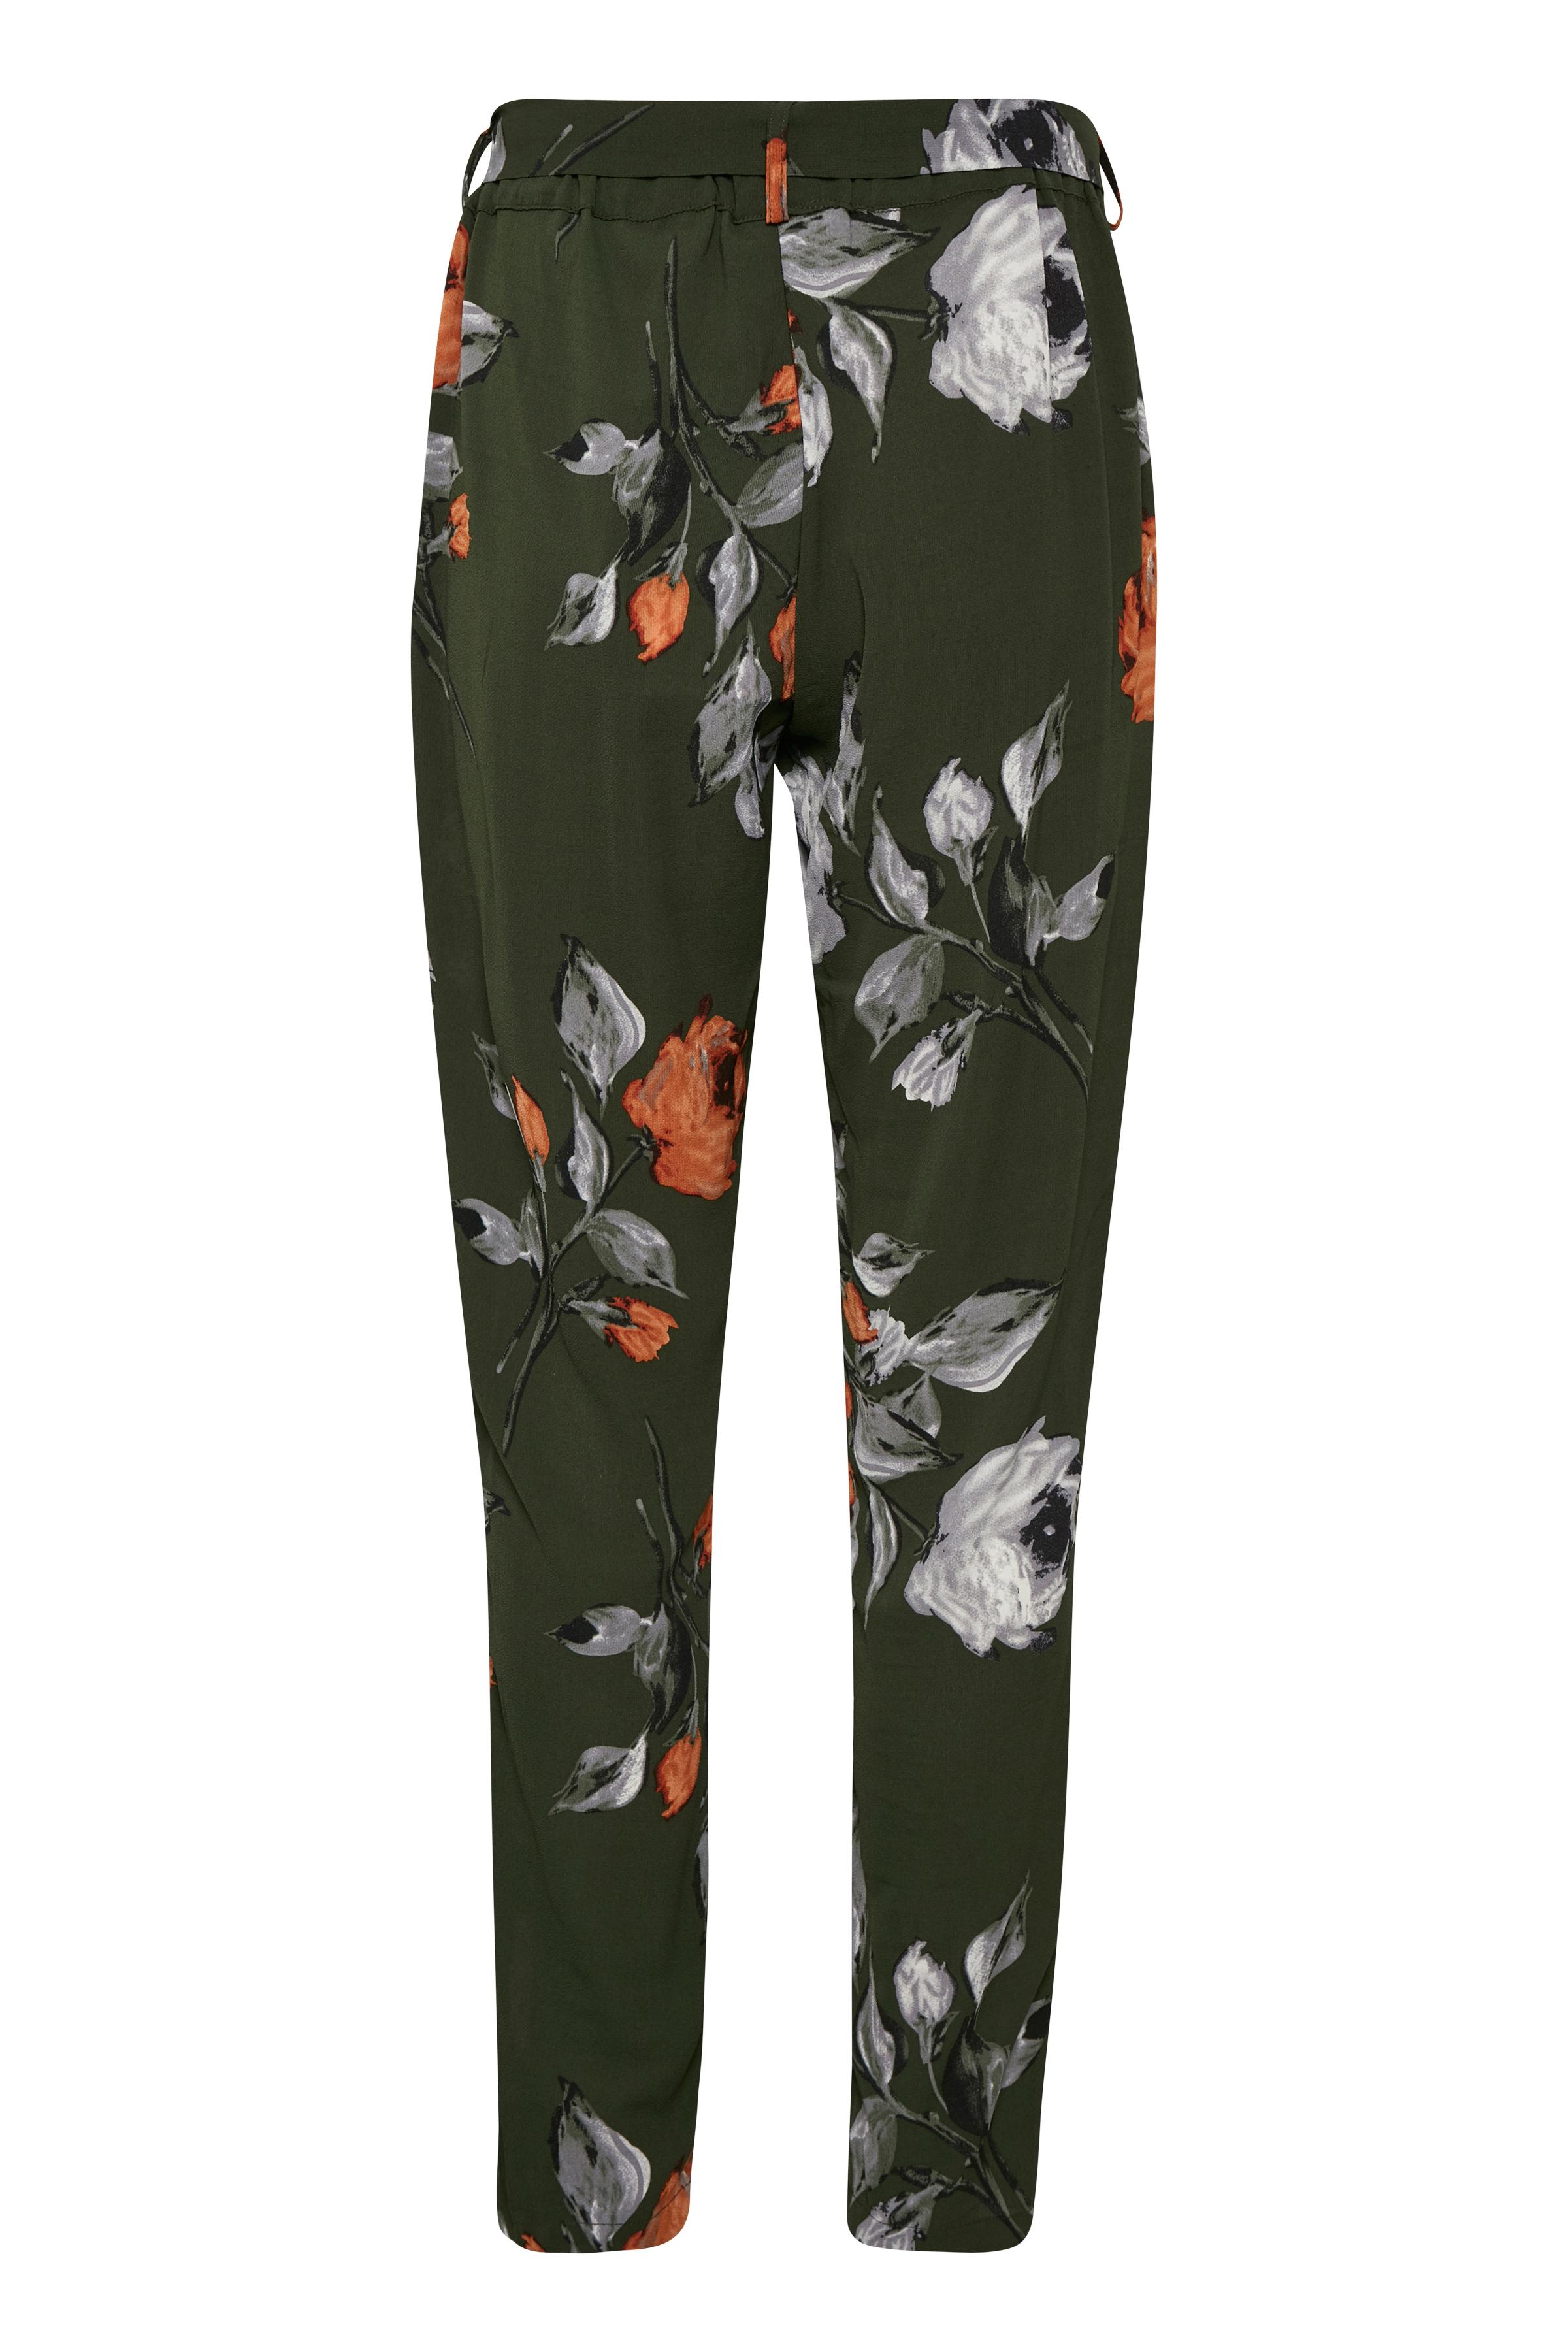 Olivengrøn/grå Casual bukser fra Kaffe – Køb Olivengrøn/grå Casual bukser fra str. 34-46 her